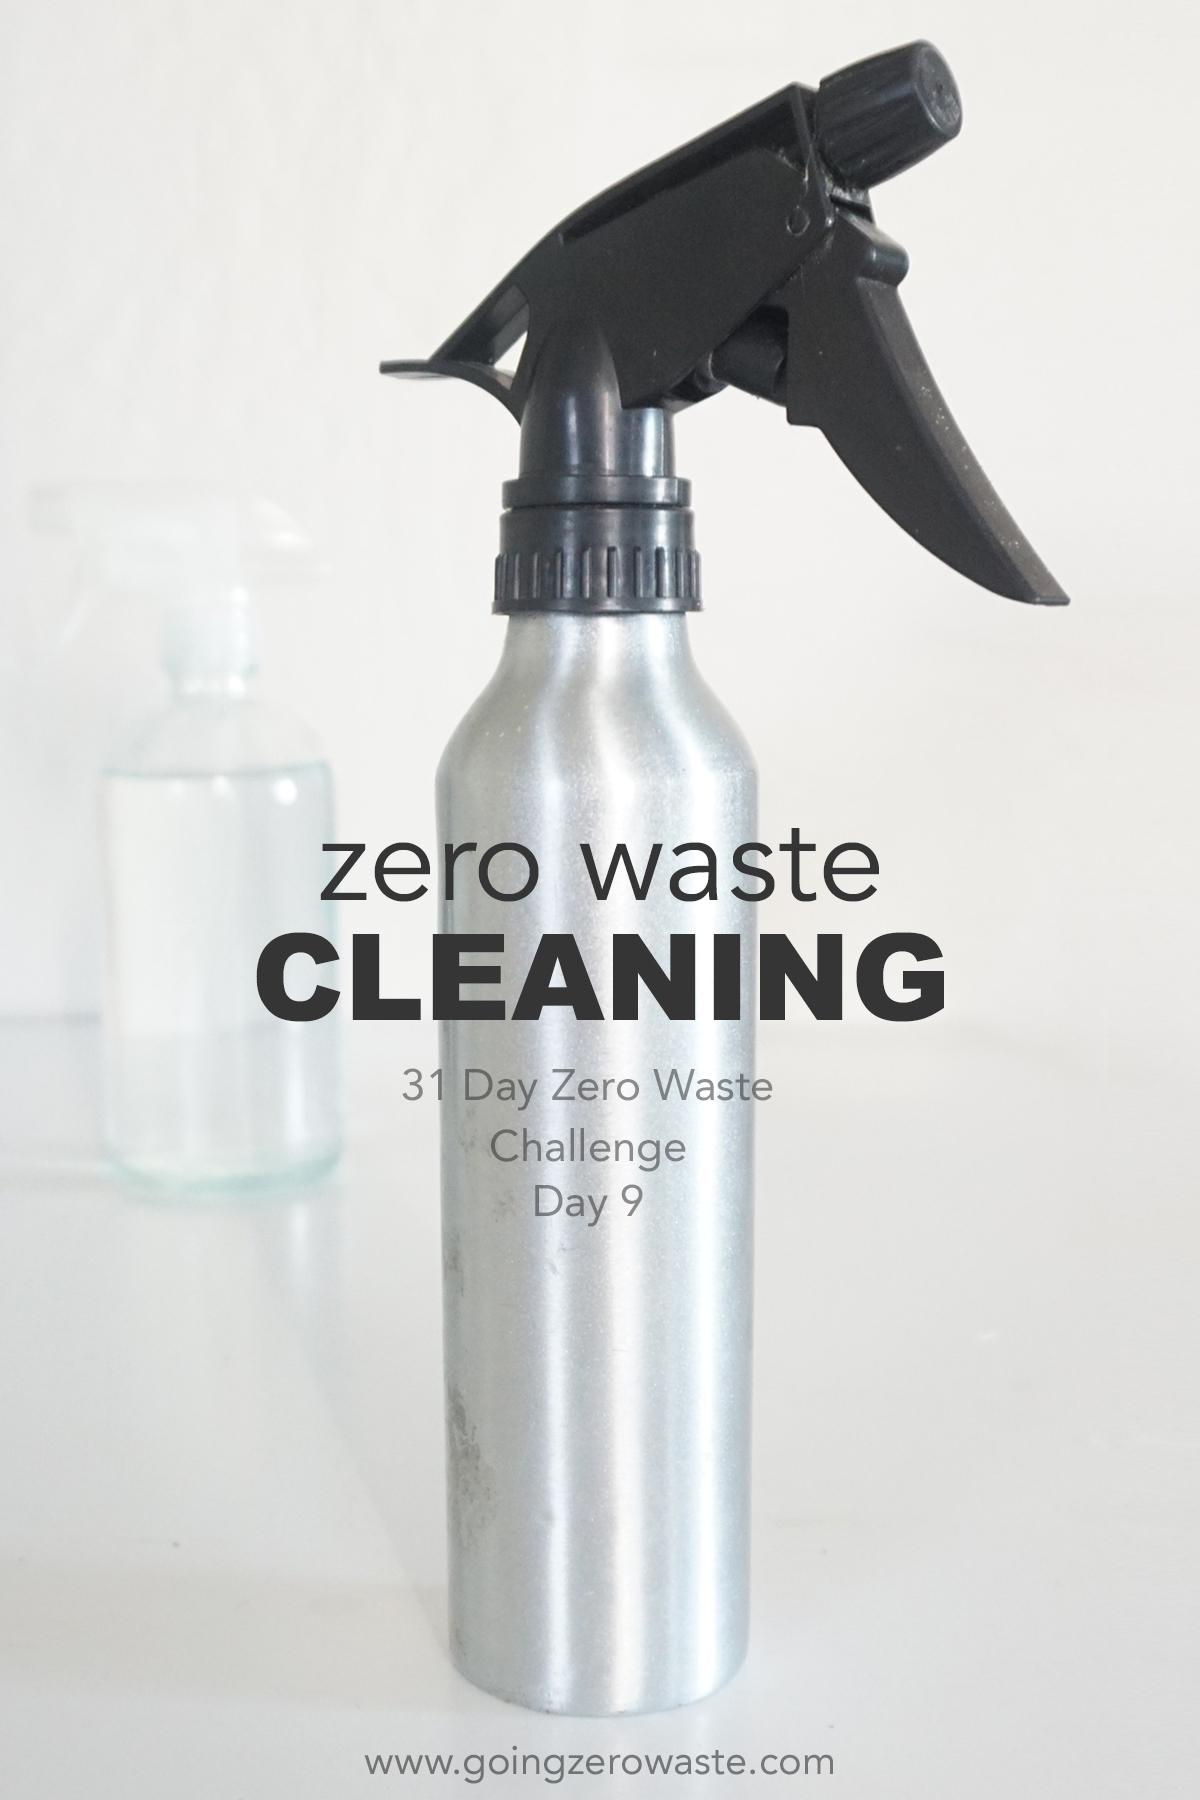 Zero waste cleaning from www.goingzerowaste.com #zerowaste #cleaning #zerowastechallenge